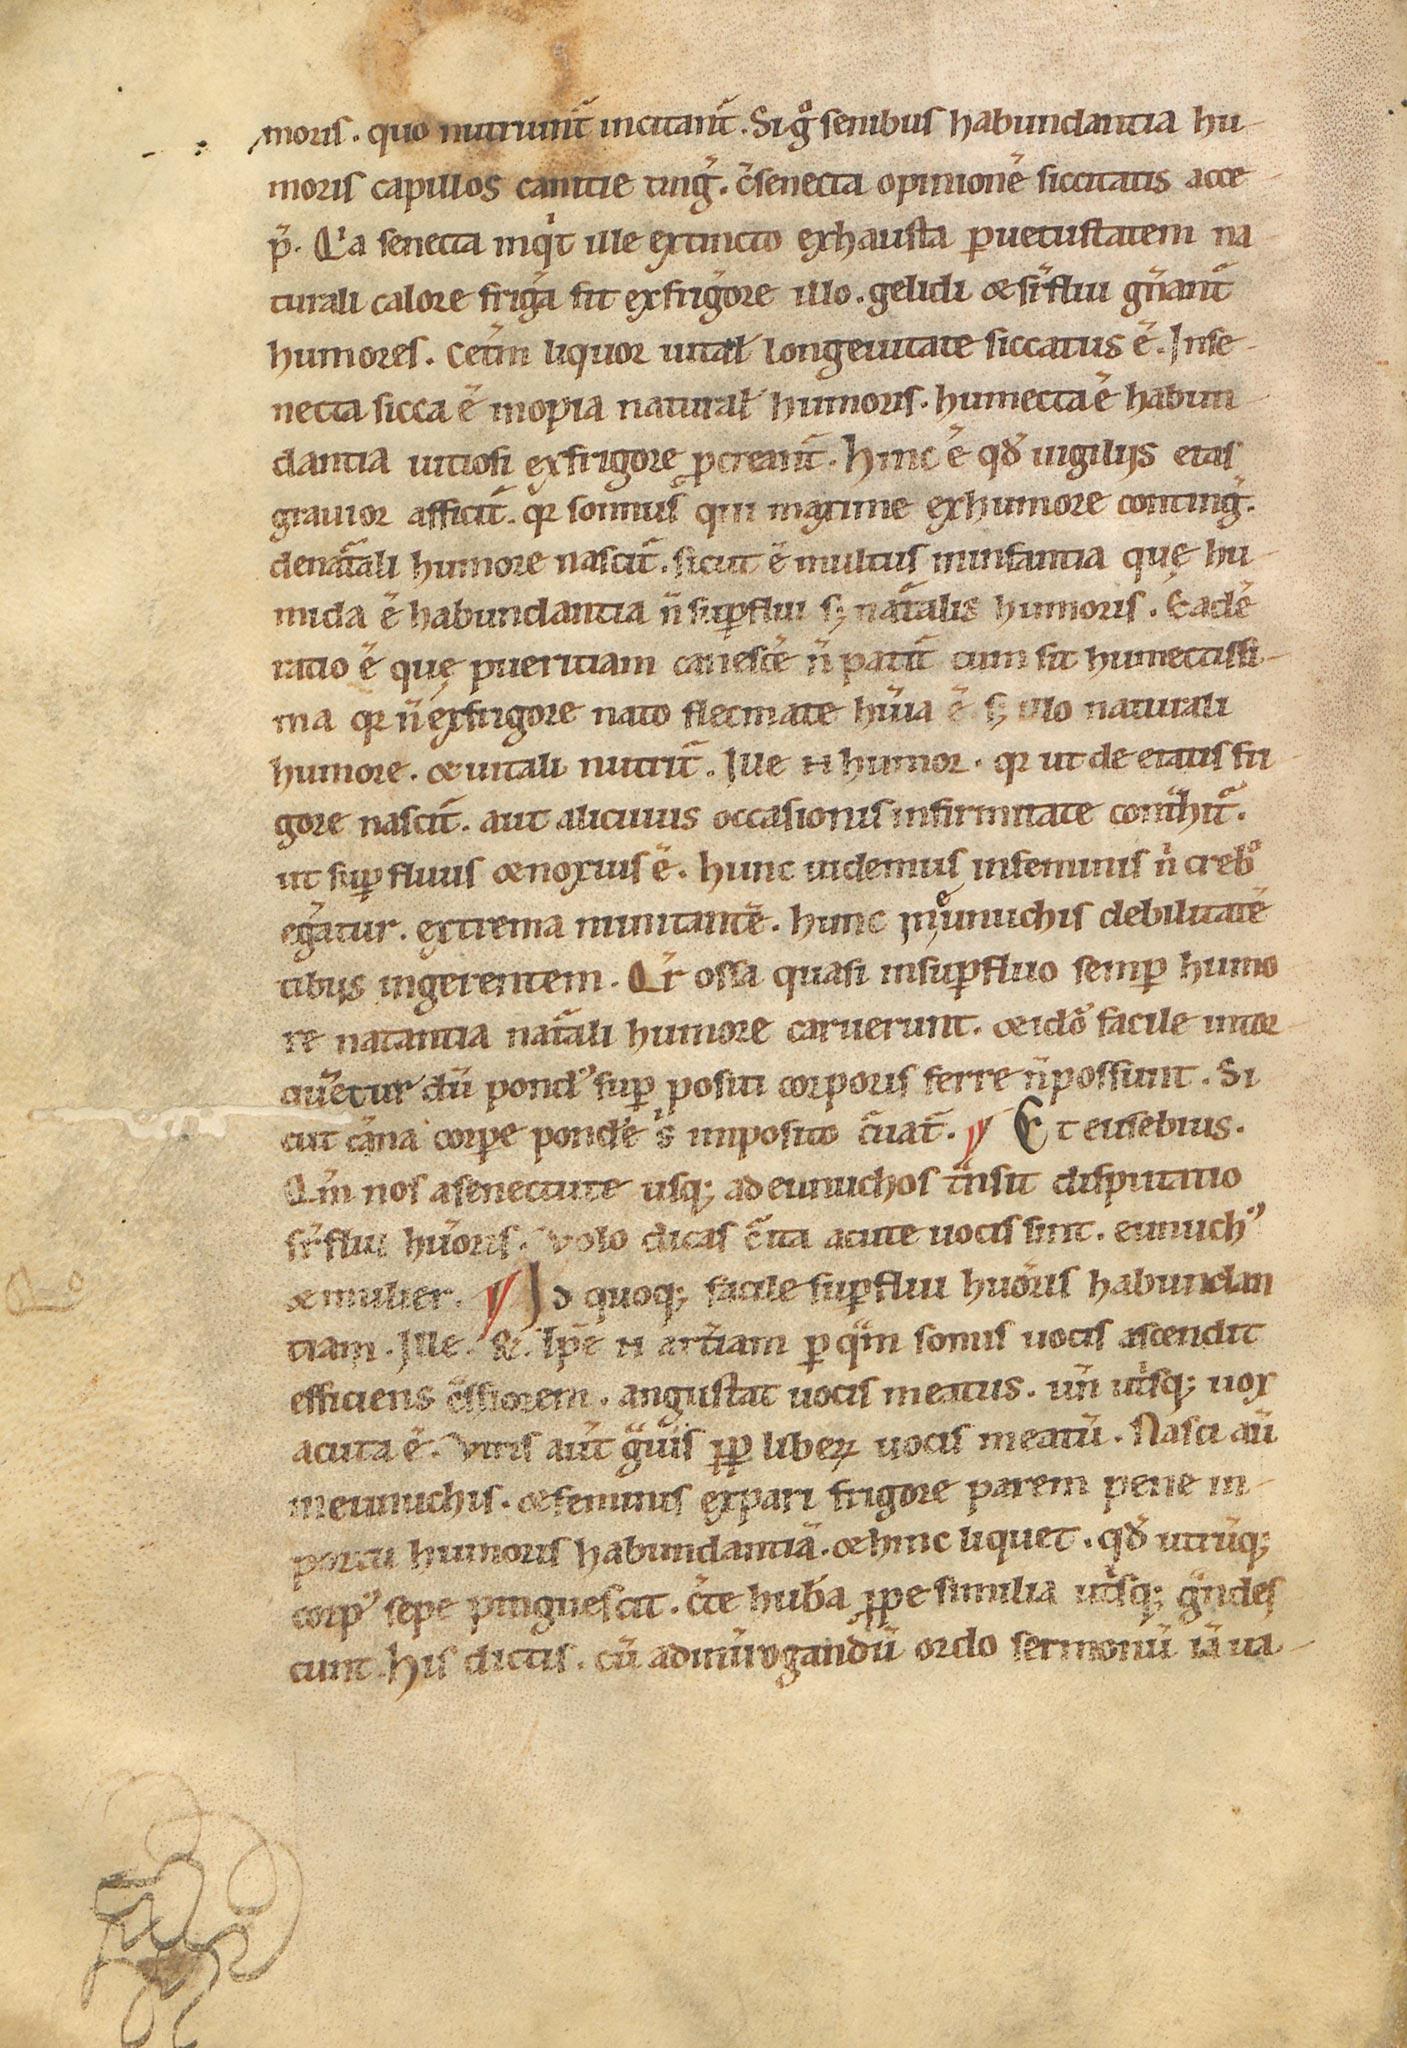 Manuscrit-Saturnales-119v°